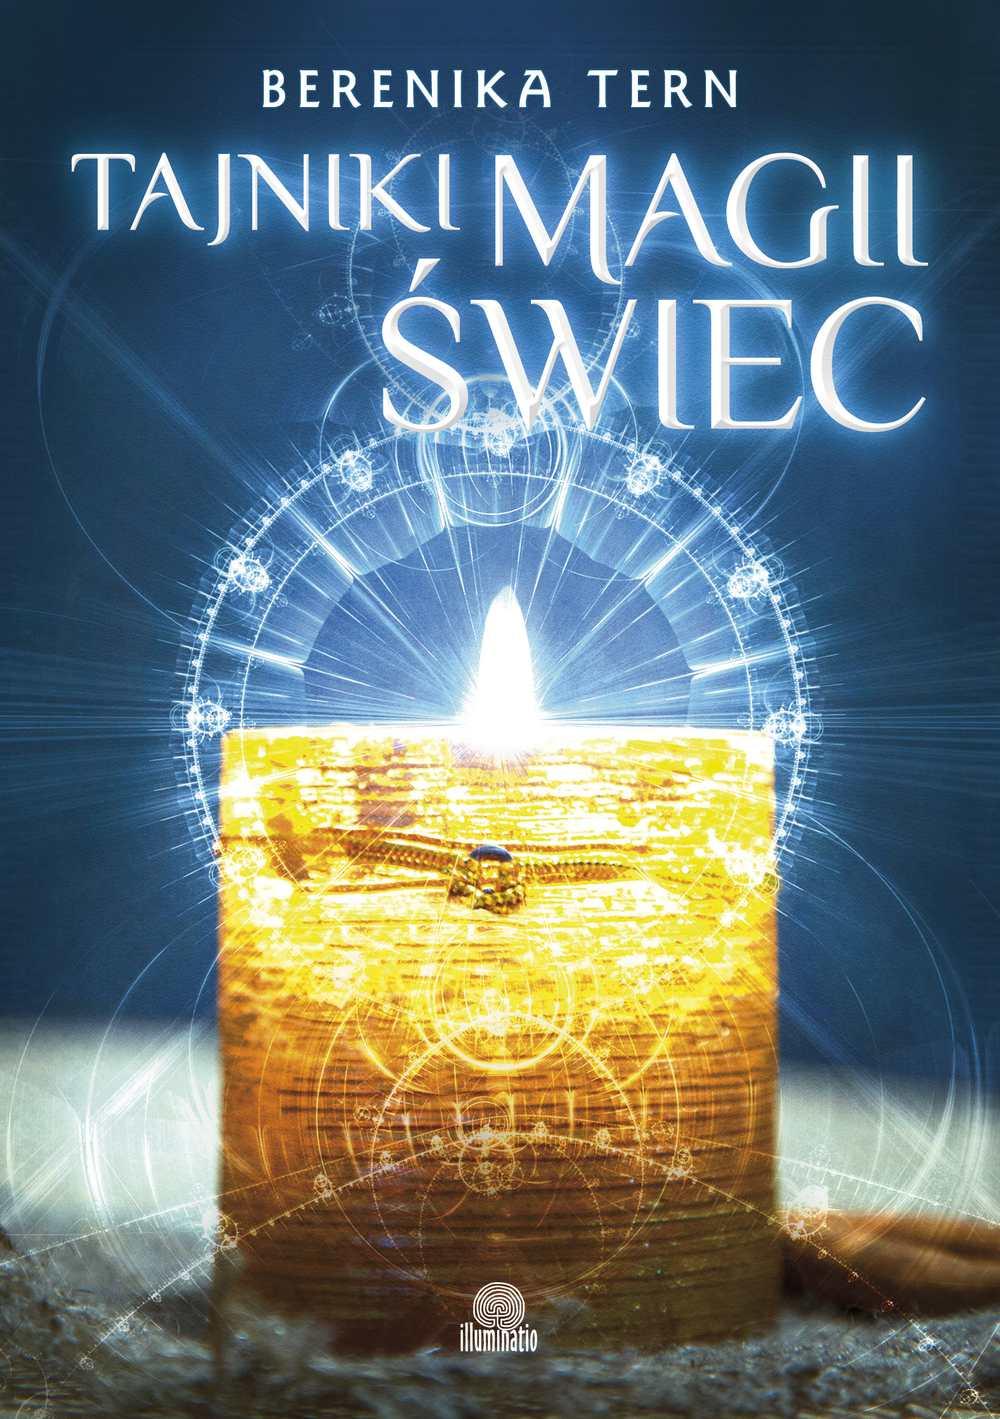 Tajniki magii świec - Ebook (Książka na Kindle) do pobrania w formacie MOBI